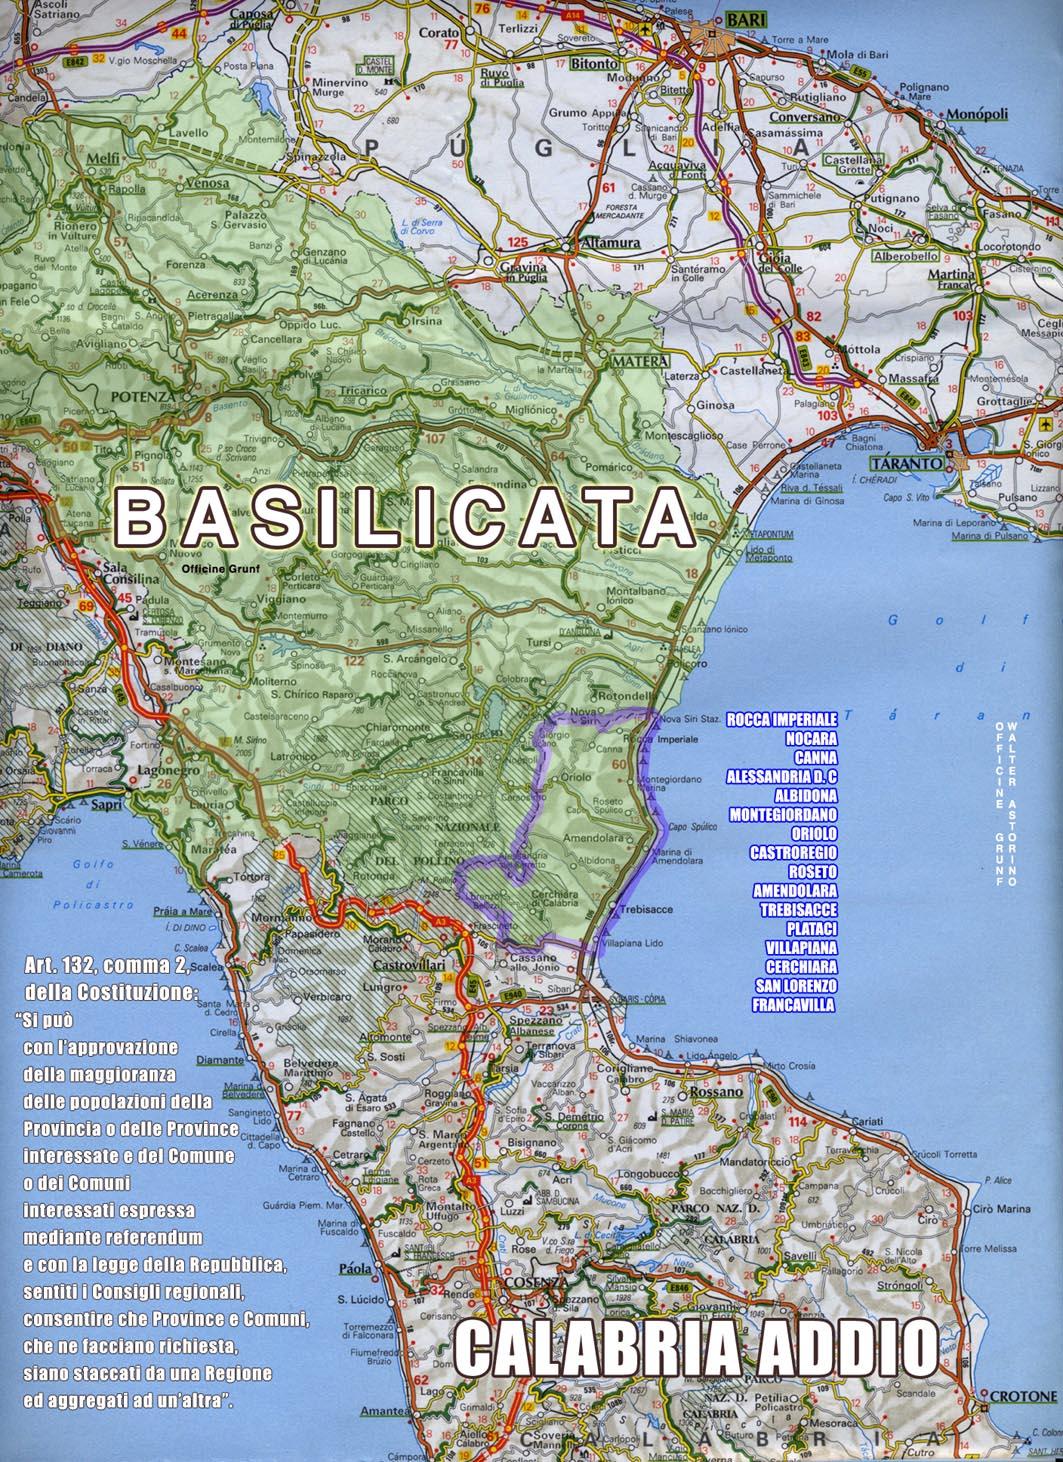 Cartina Calabria E Basilicata.Carta Muta Della Basilicata